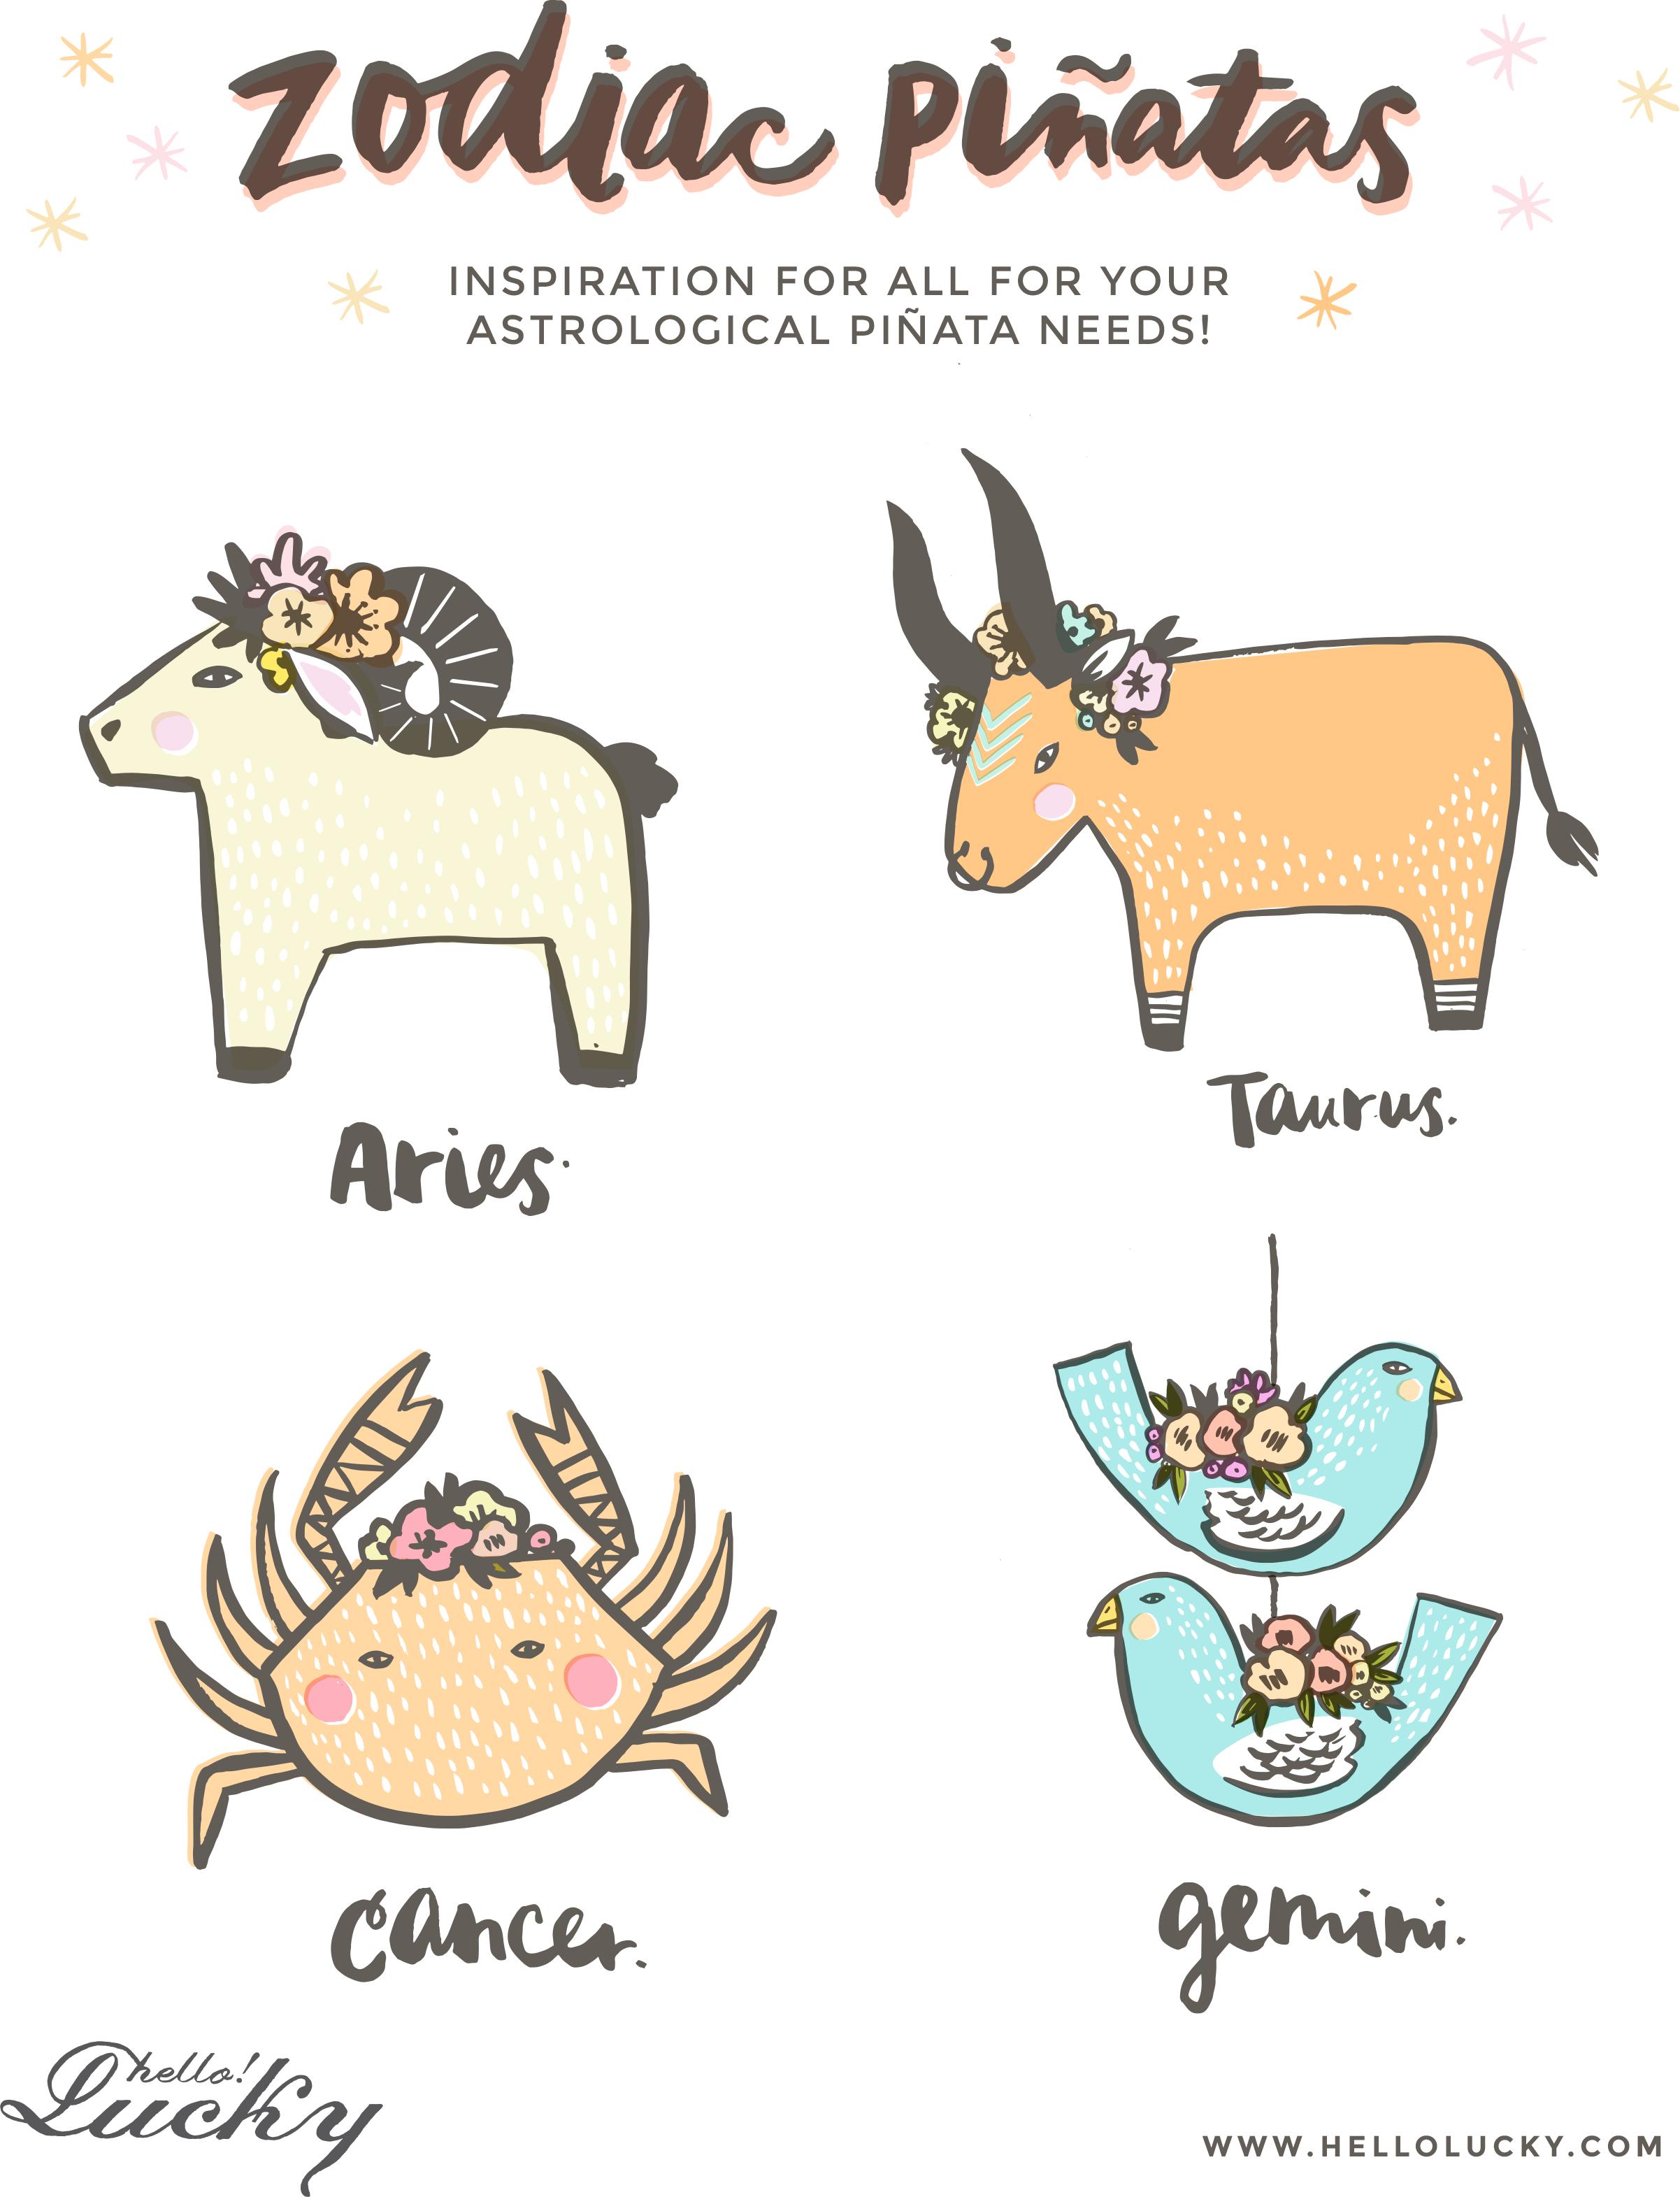 Zodiac pinata inspiration